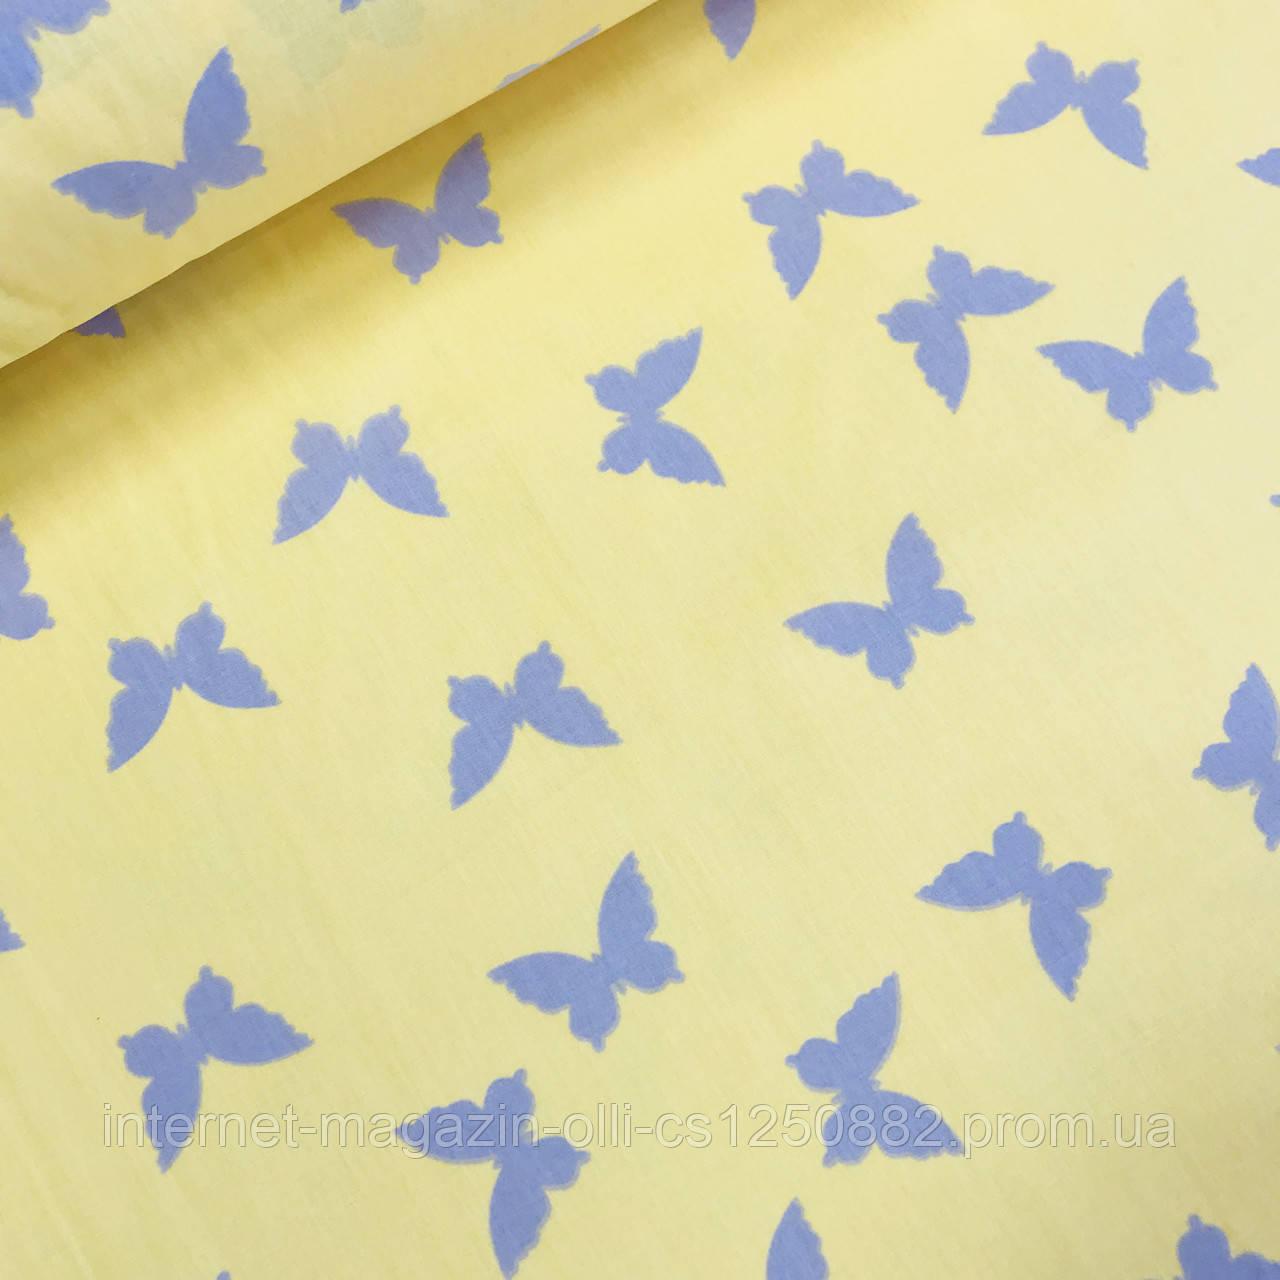 Хлопковая ткань (ТУРЦИЯ шир. 2,4 м) бабочки серые на желтом